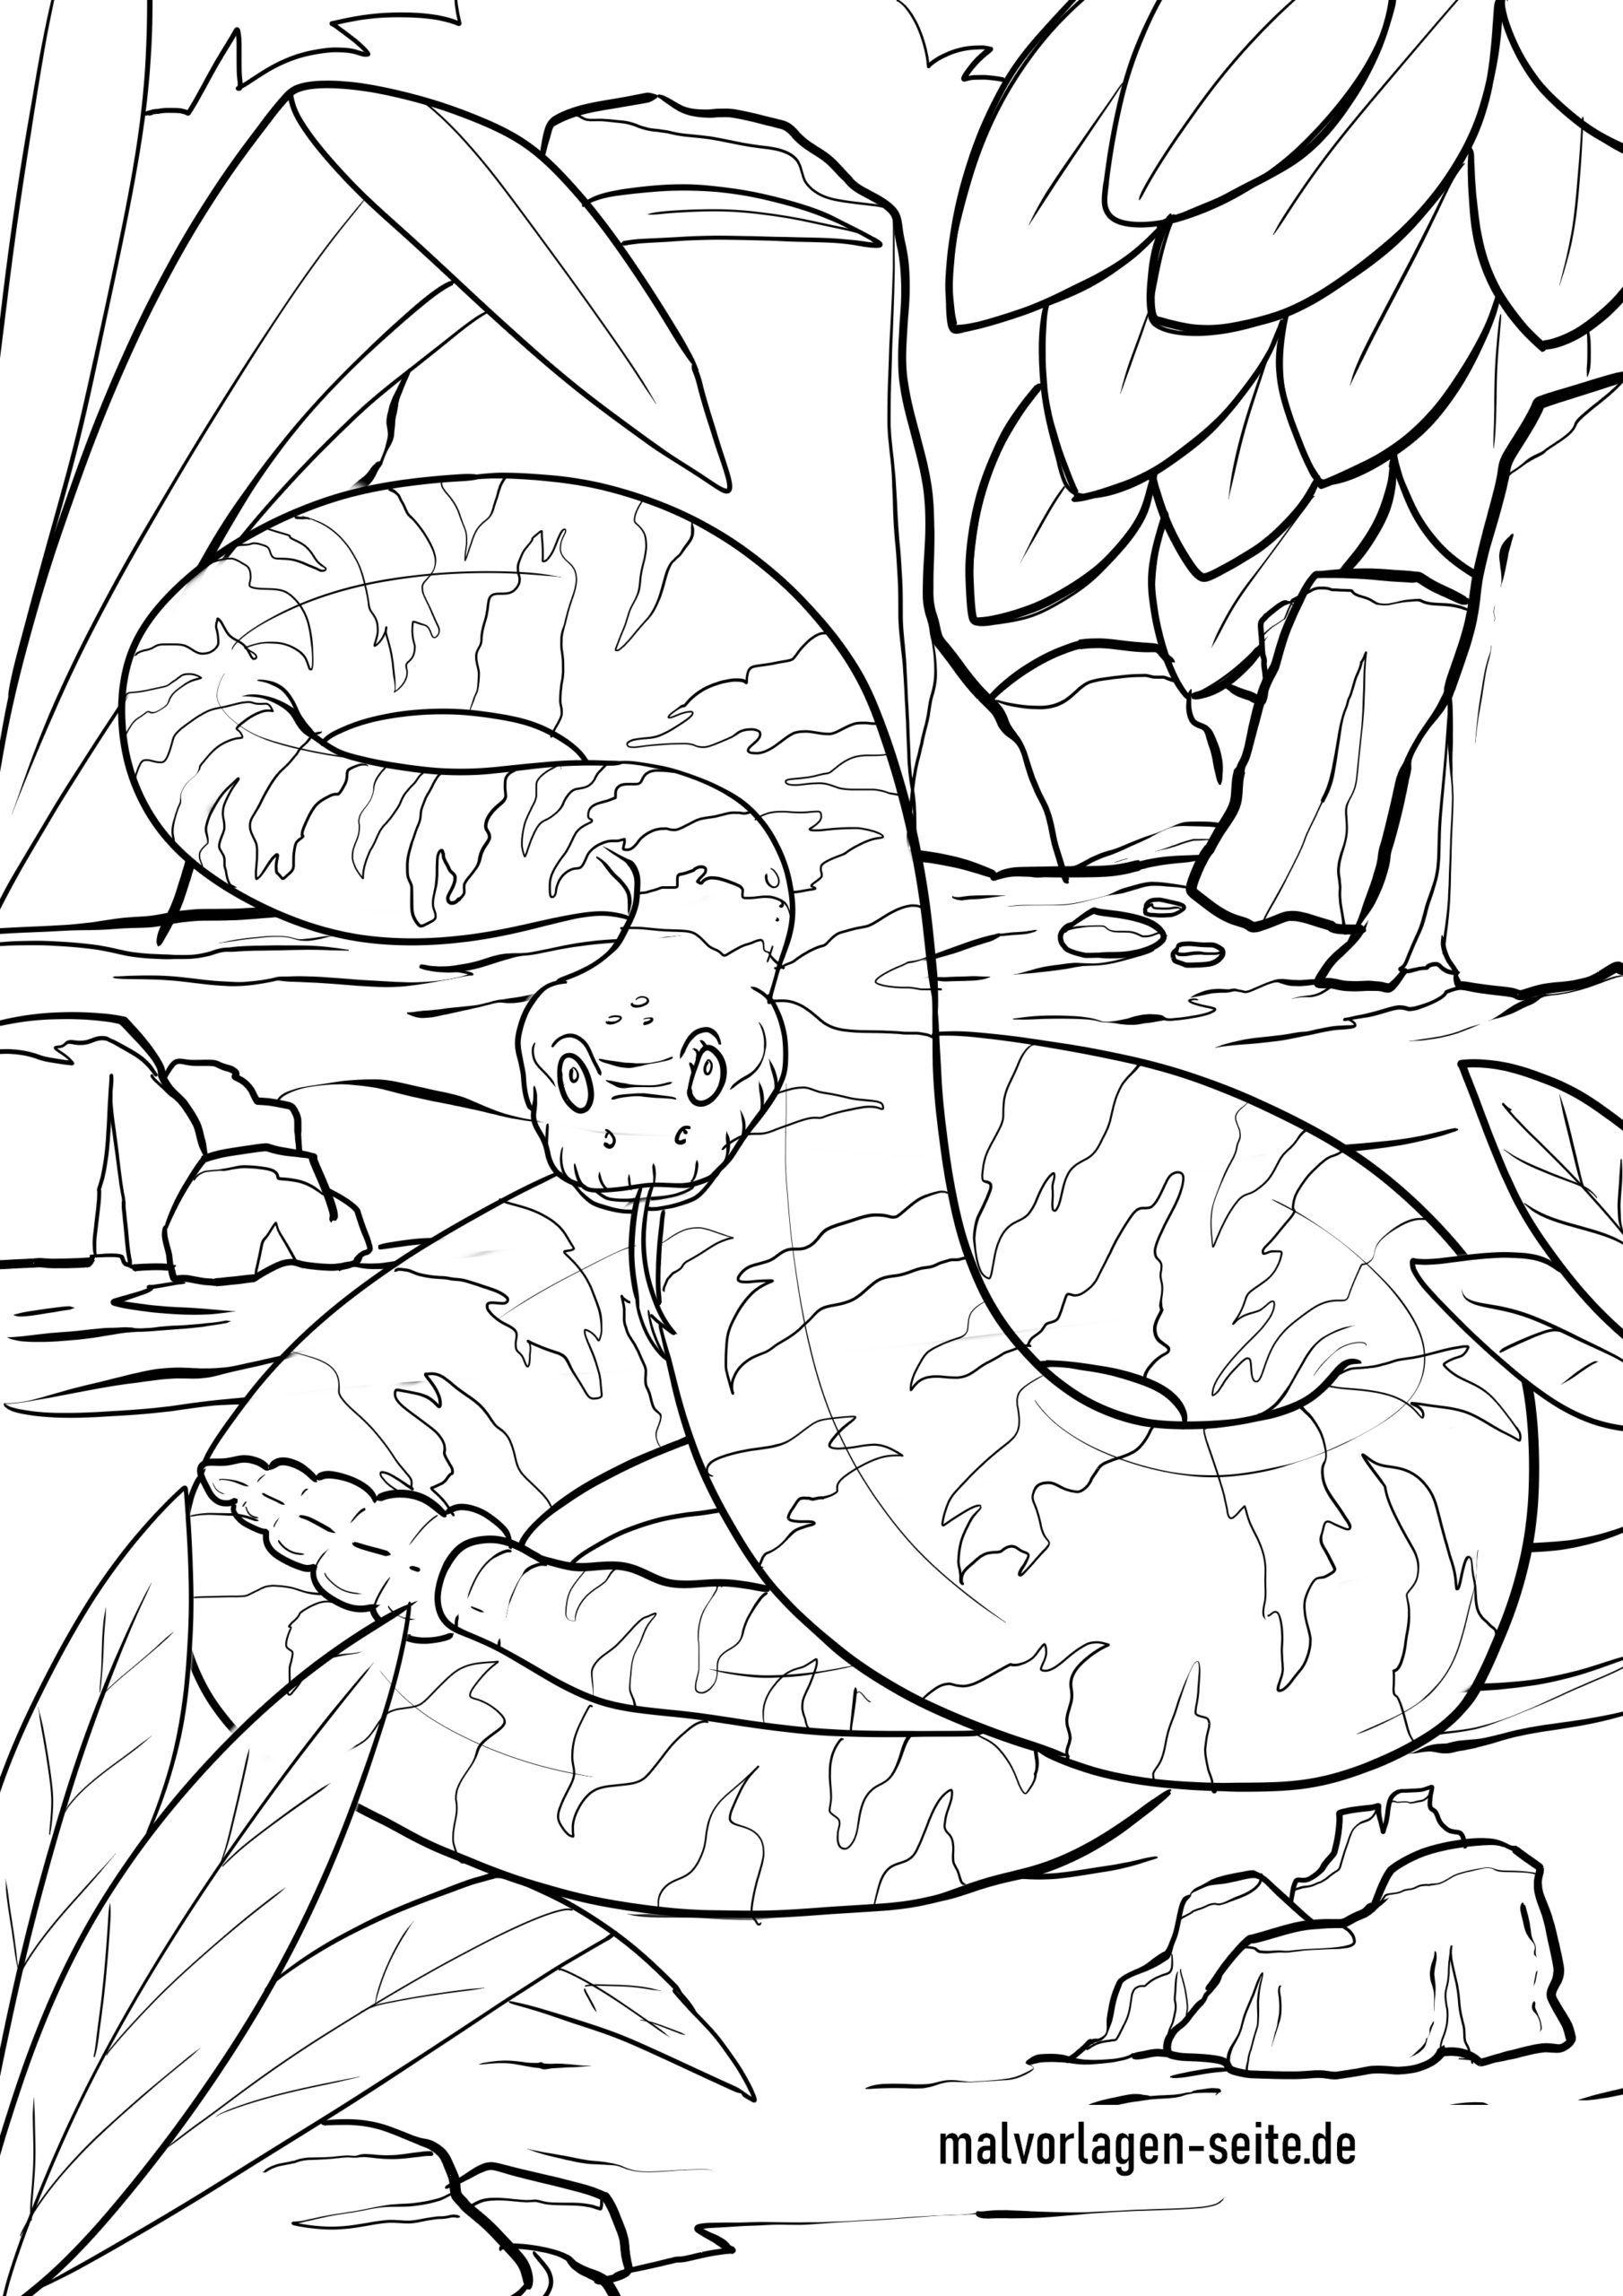 Malvorlage Schlange - Klapperschlange - Ausmalbilder in Schlangen Ausmalbilder